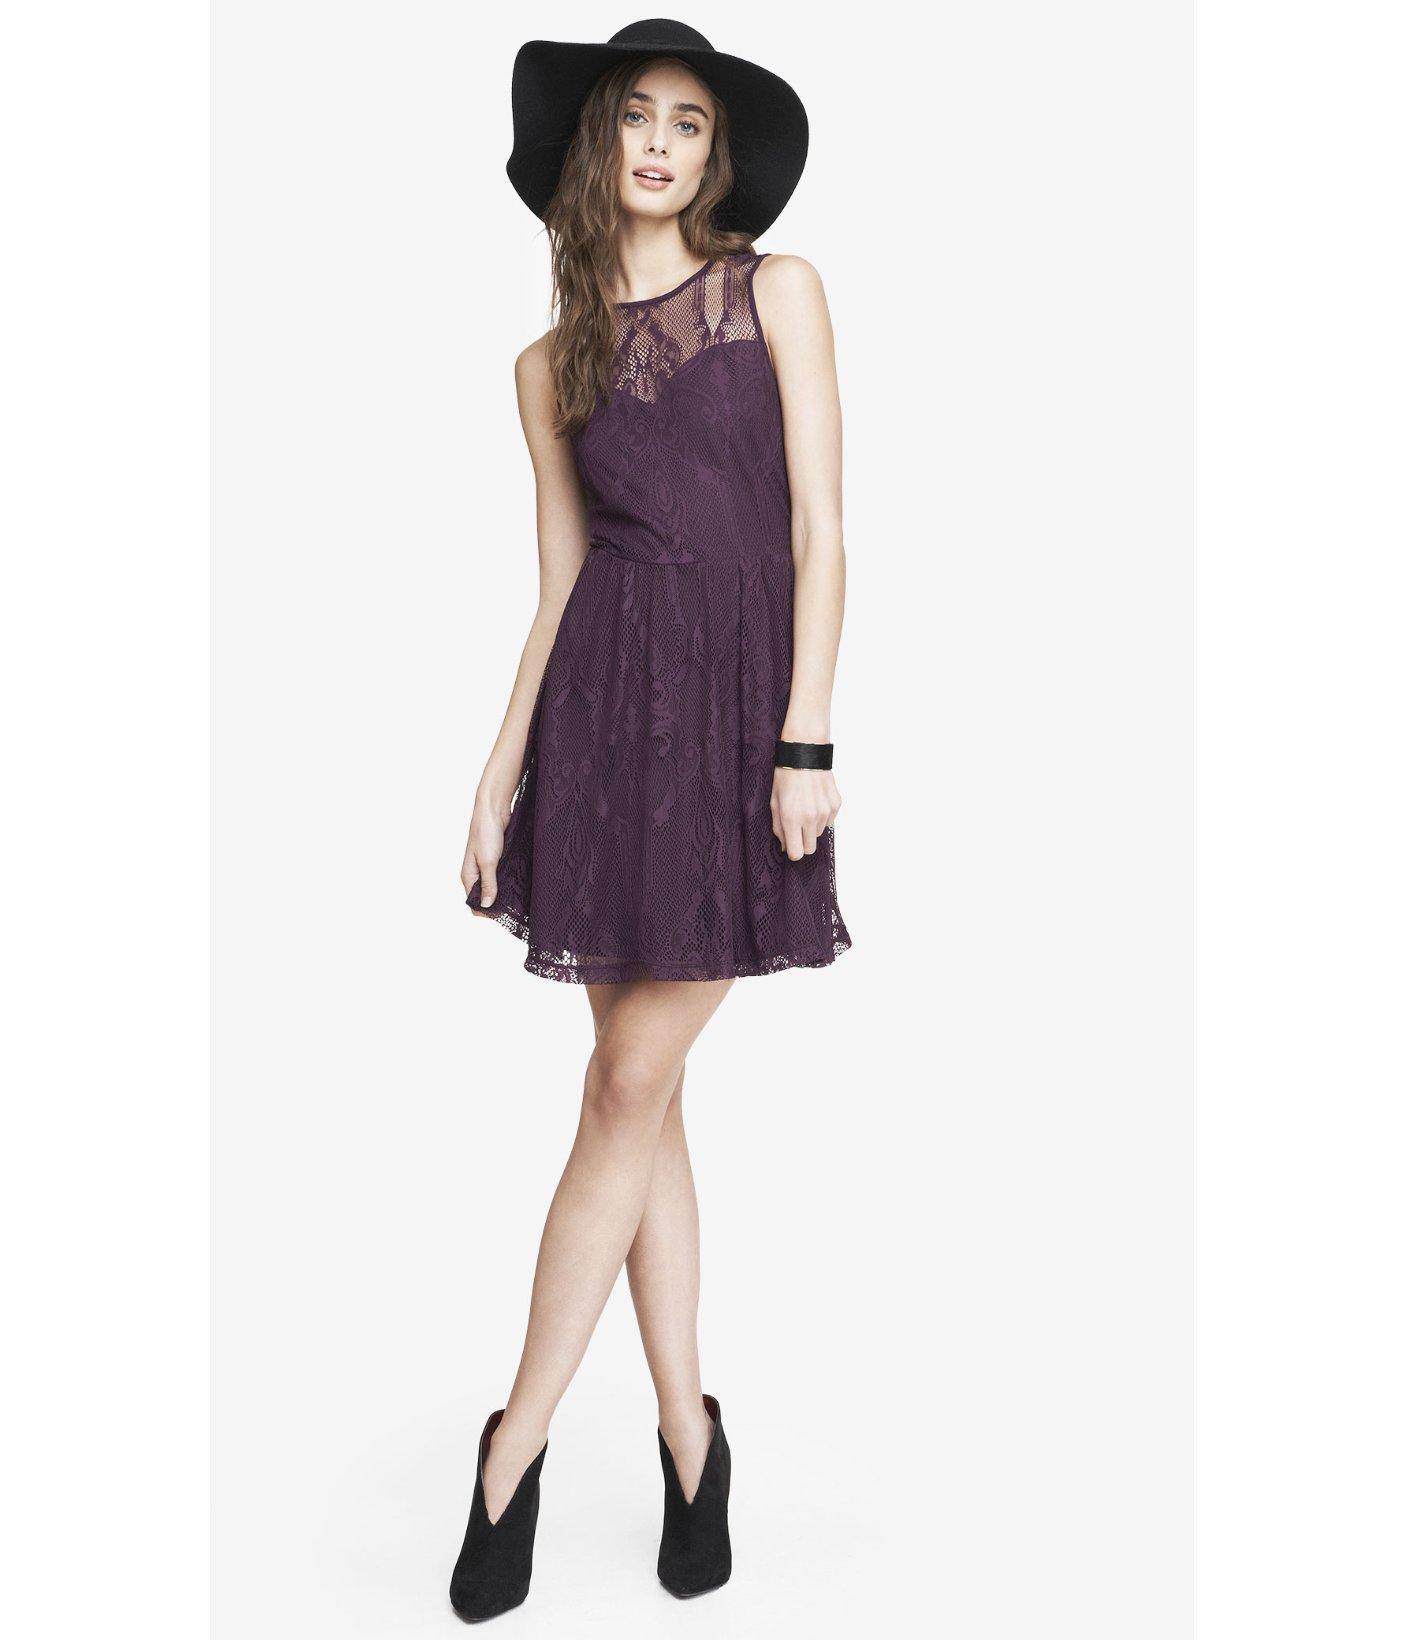 da79d716cb3 Express Lace Skater Dress - Dark Berry in Purple - Lyst